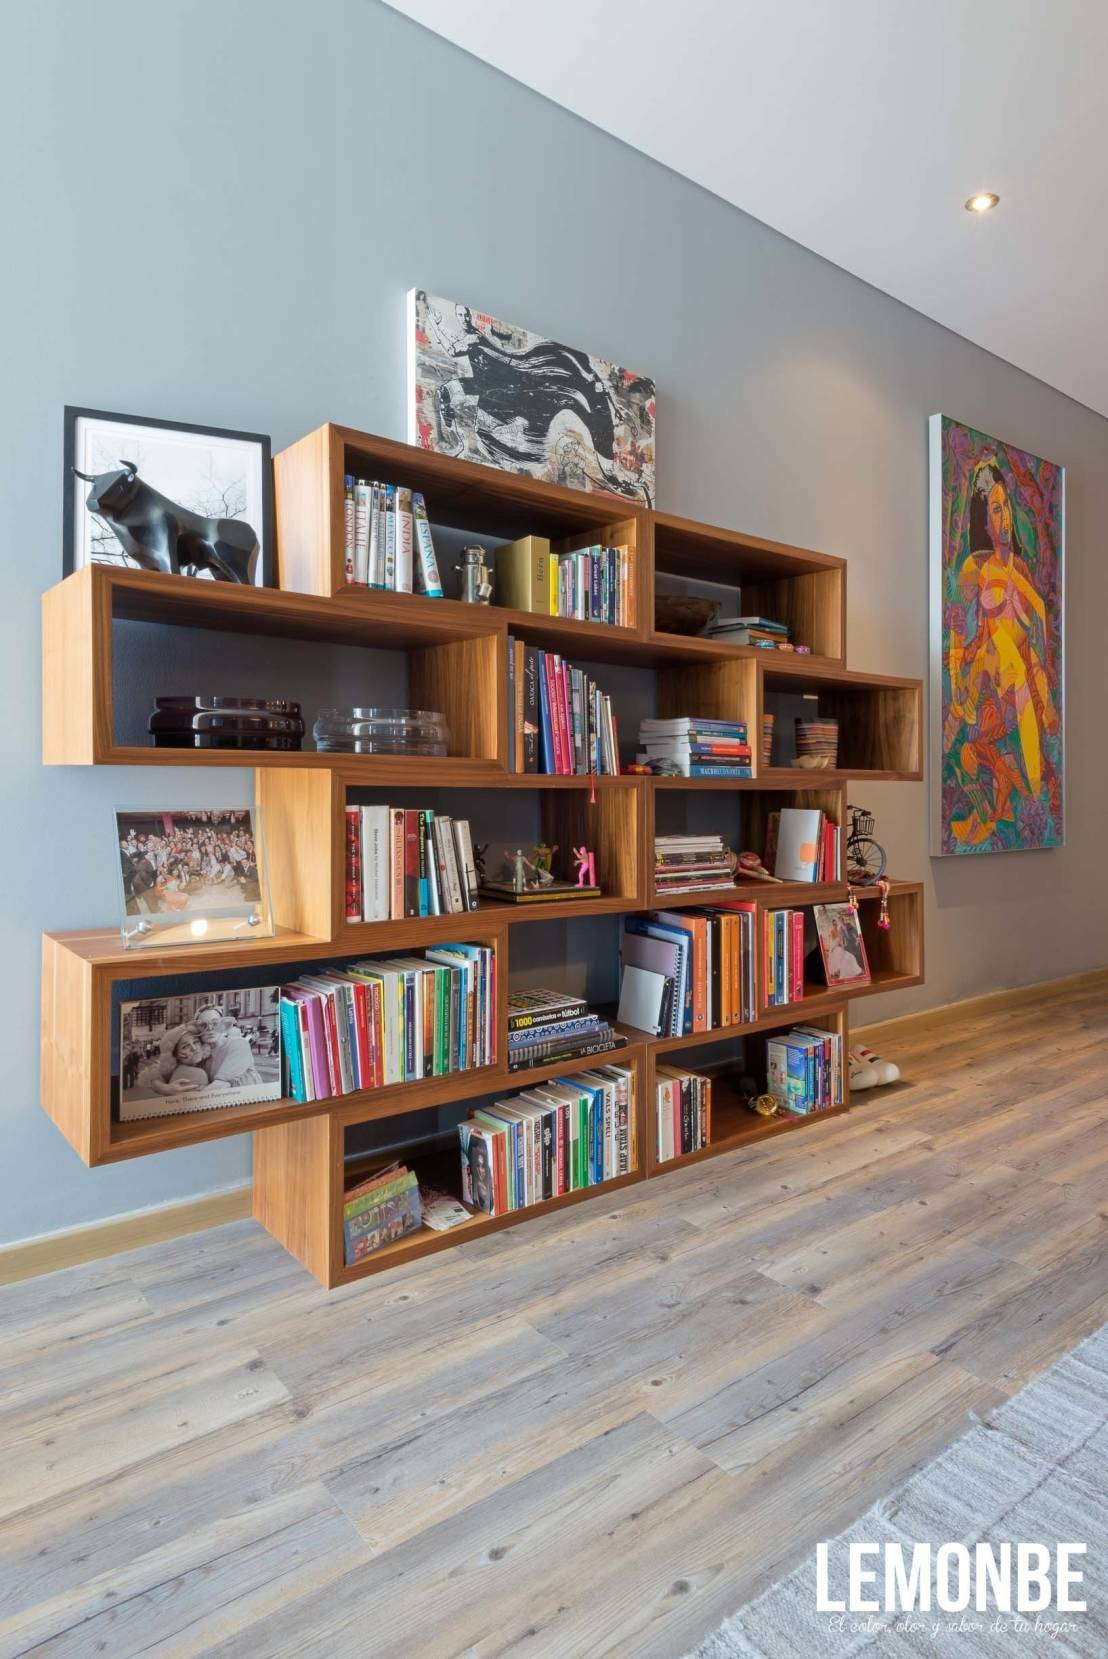 Peque as ideas para decorar los pasillos de tu casa - Todo para decorar tu casa ...